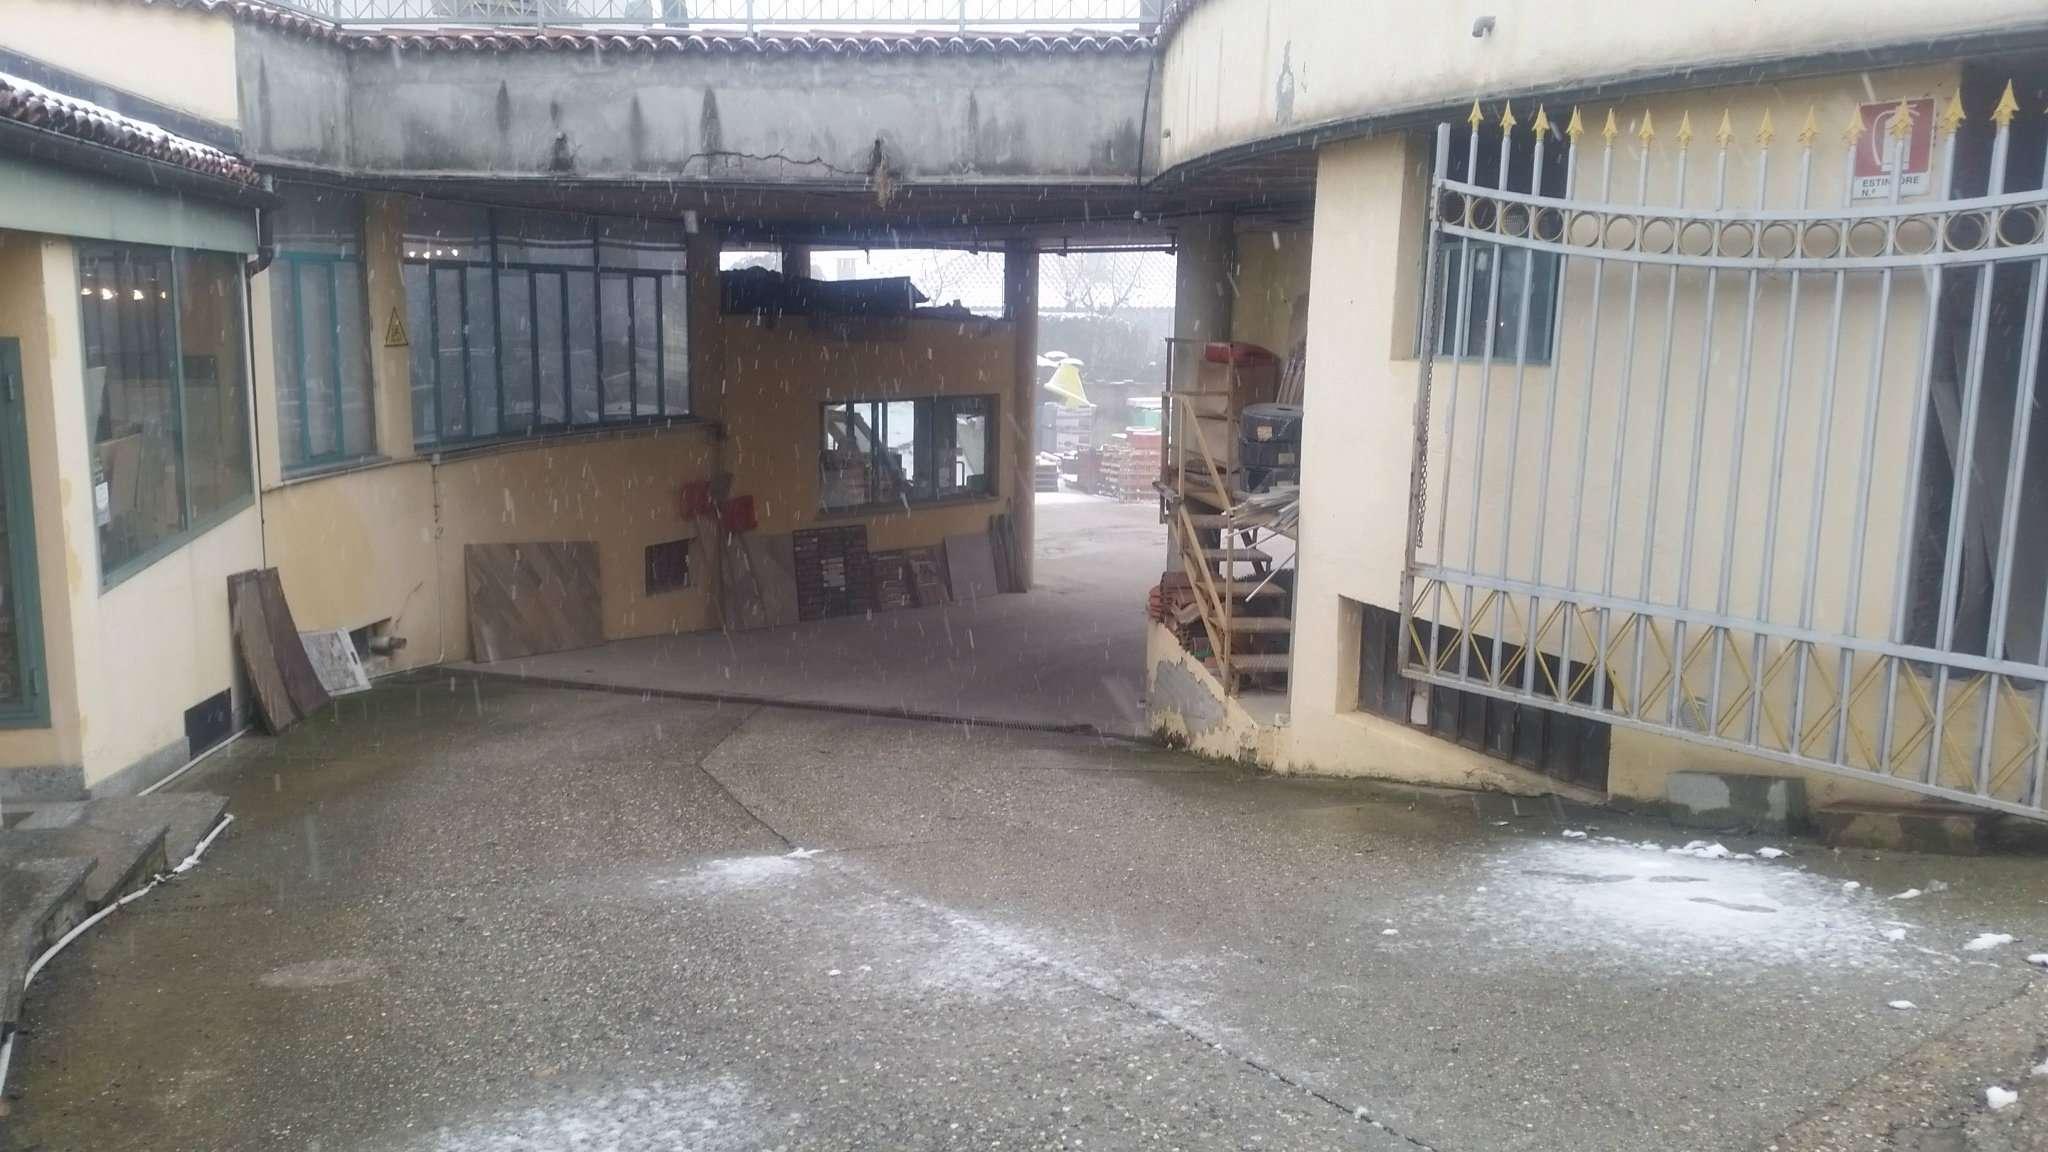 Attività / Licenza in vendita a Pecetto Torinese, 9999 locali, prezzo € 134.000 | CambioCasa.it